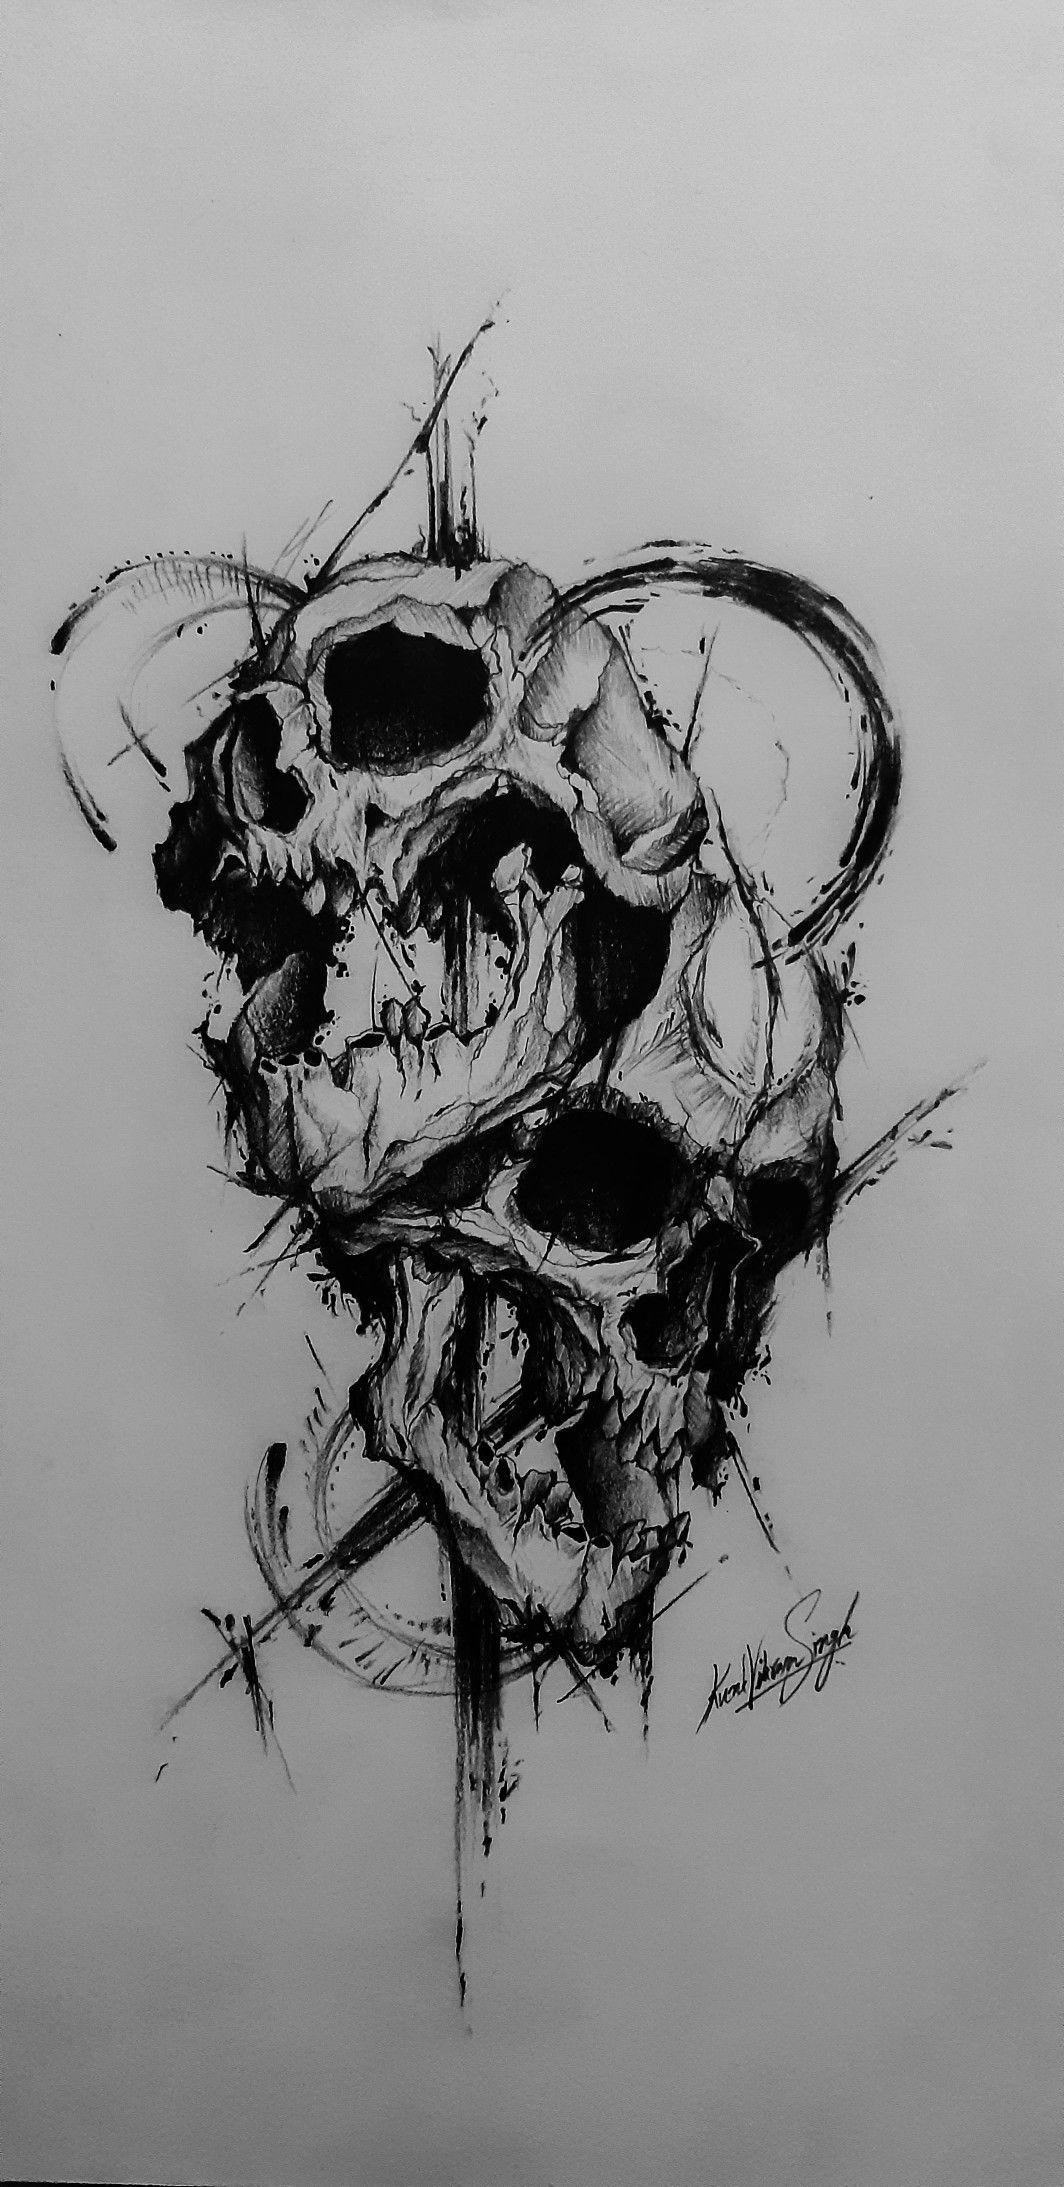 Skulls In 2020 Skull Tattoo Design Skull Tattoos Tattoo Design Drawings